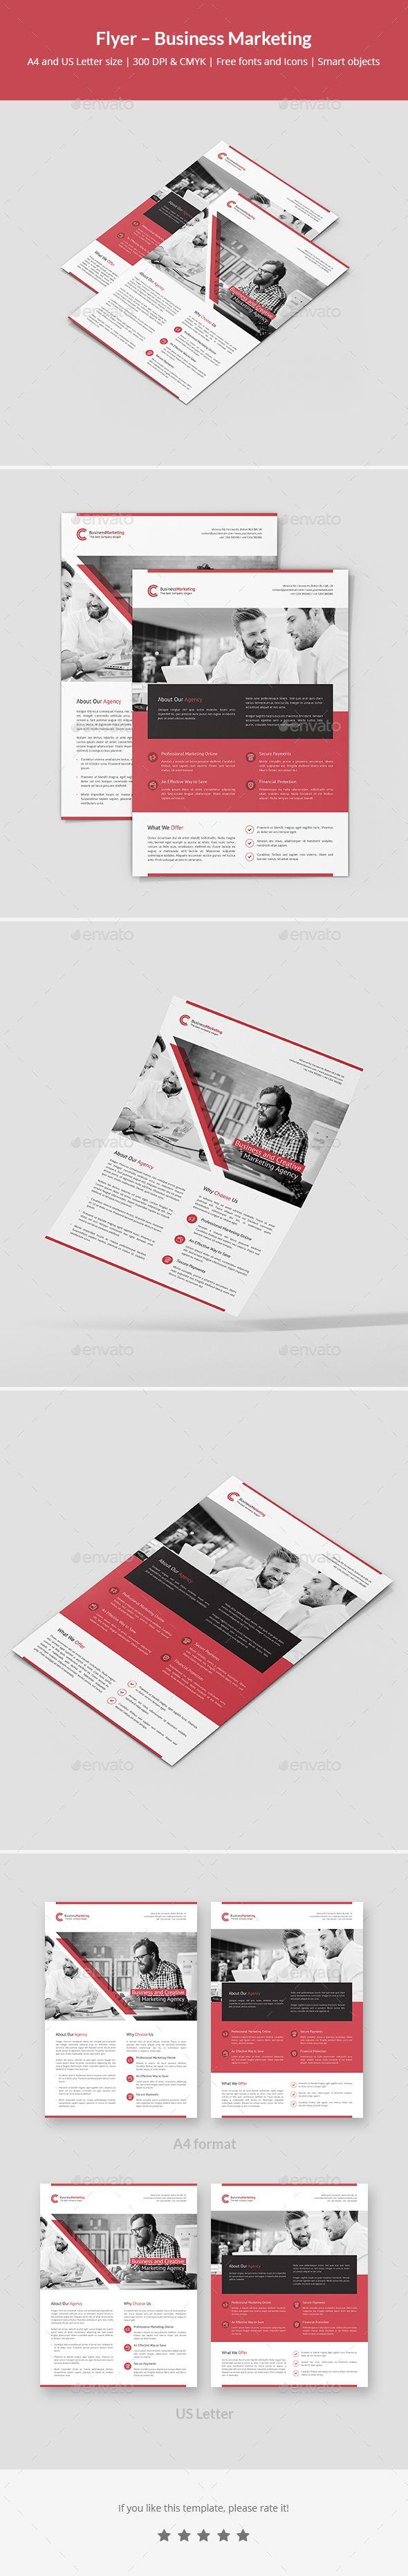 Schön Marketing Broschüre Vorlage Kostenlos Bilder - Entry Level ...